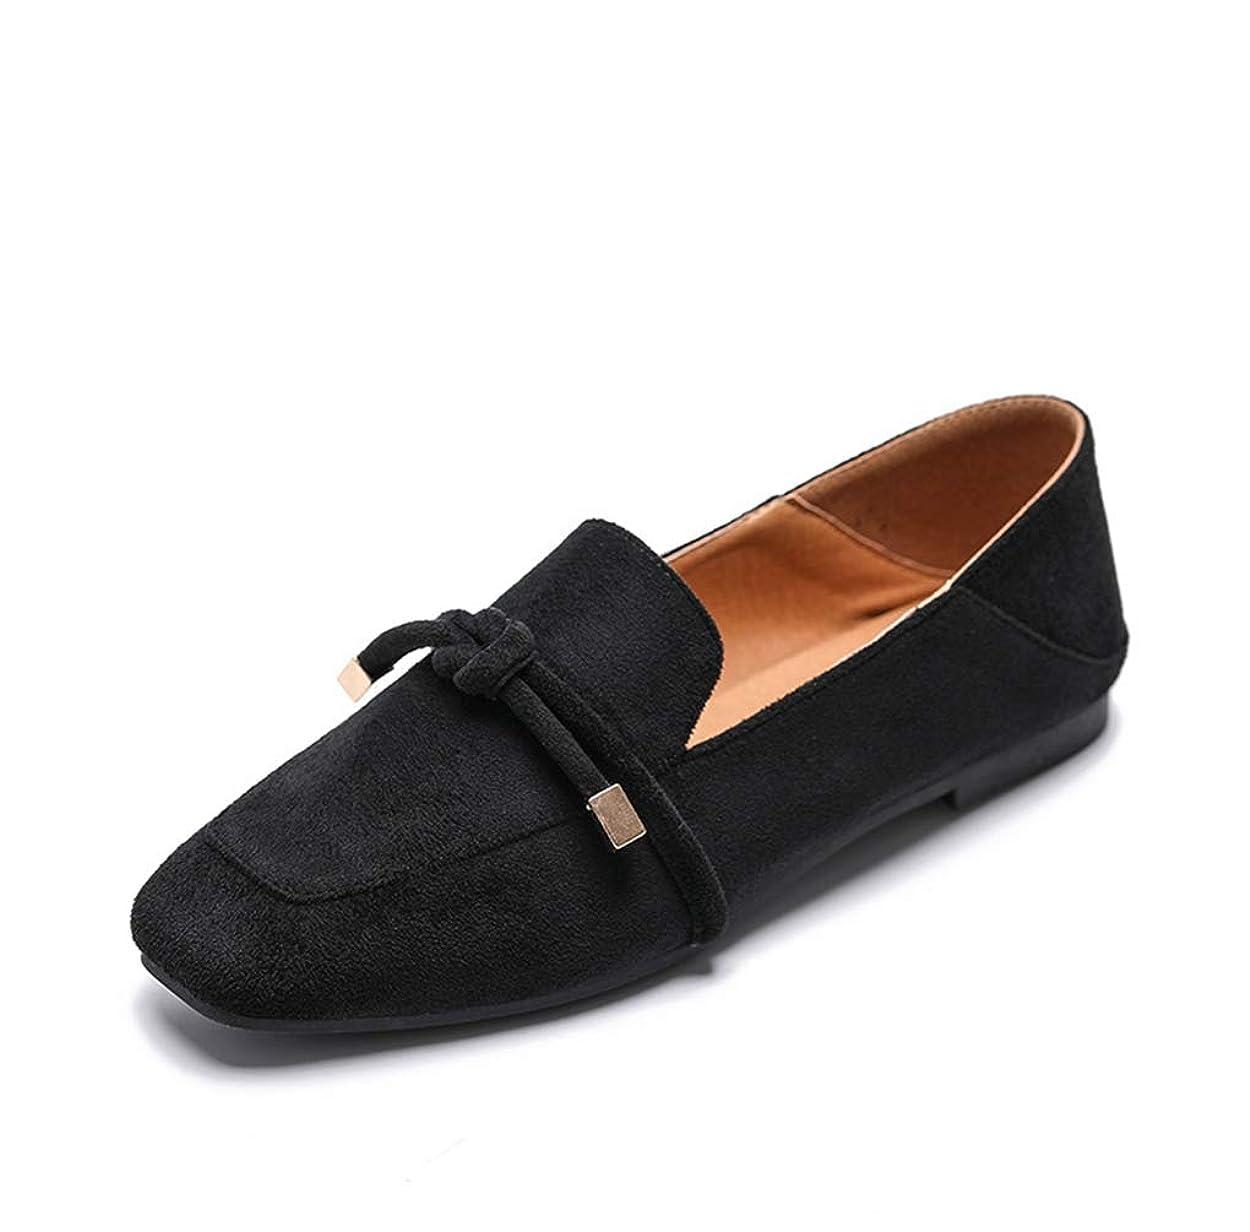 上院議員洗剤カストディアンローファー パンプス スエード ローヒール リボン 25cm ママ ペタンコ 靴 レディース靴 ぺたんこパンプス 1cm スクエアトゥ フラットシューズ ブラック スウェード 黒 春 ブラック ブラウン 茶色 大きいサイズ 通勤